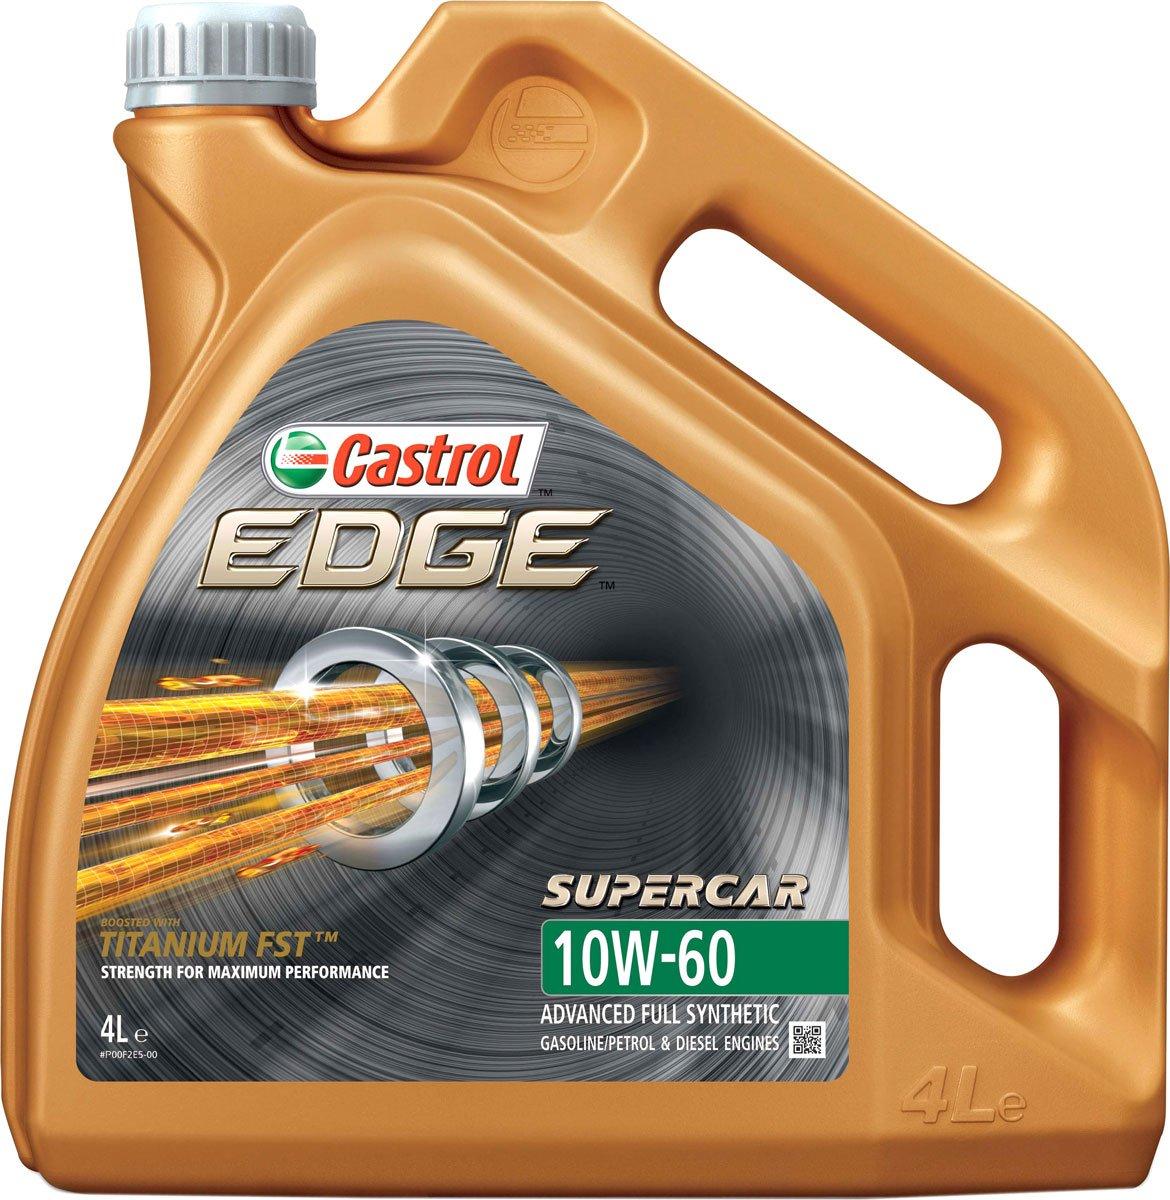 Castrol EDGE SUPERCAR Titanium FST 10w-60